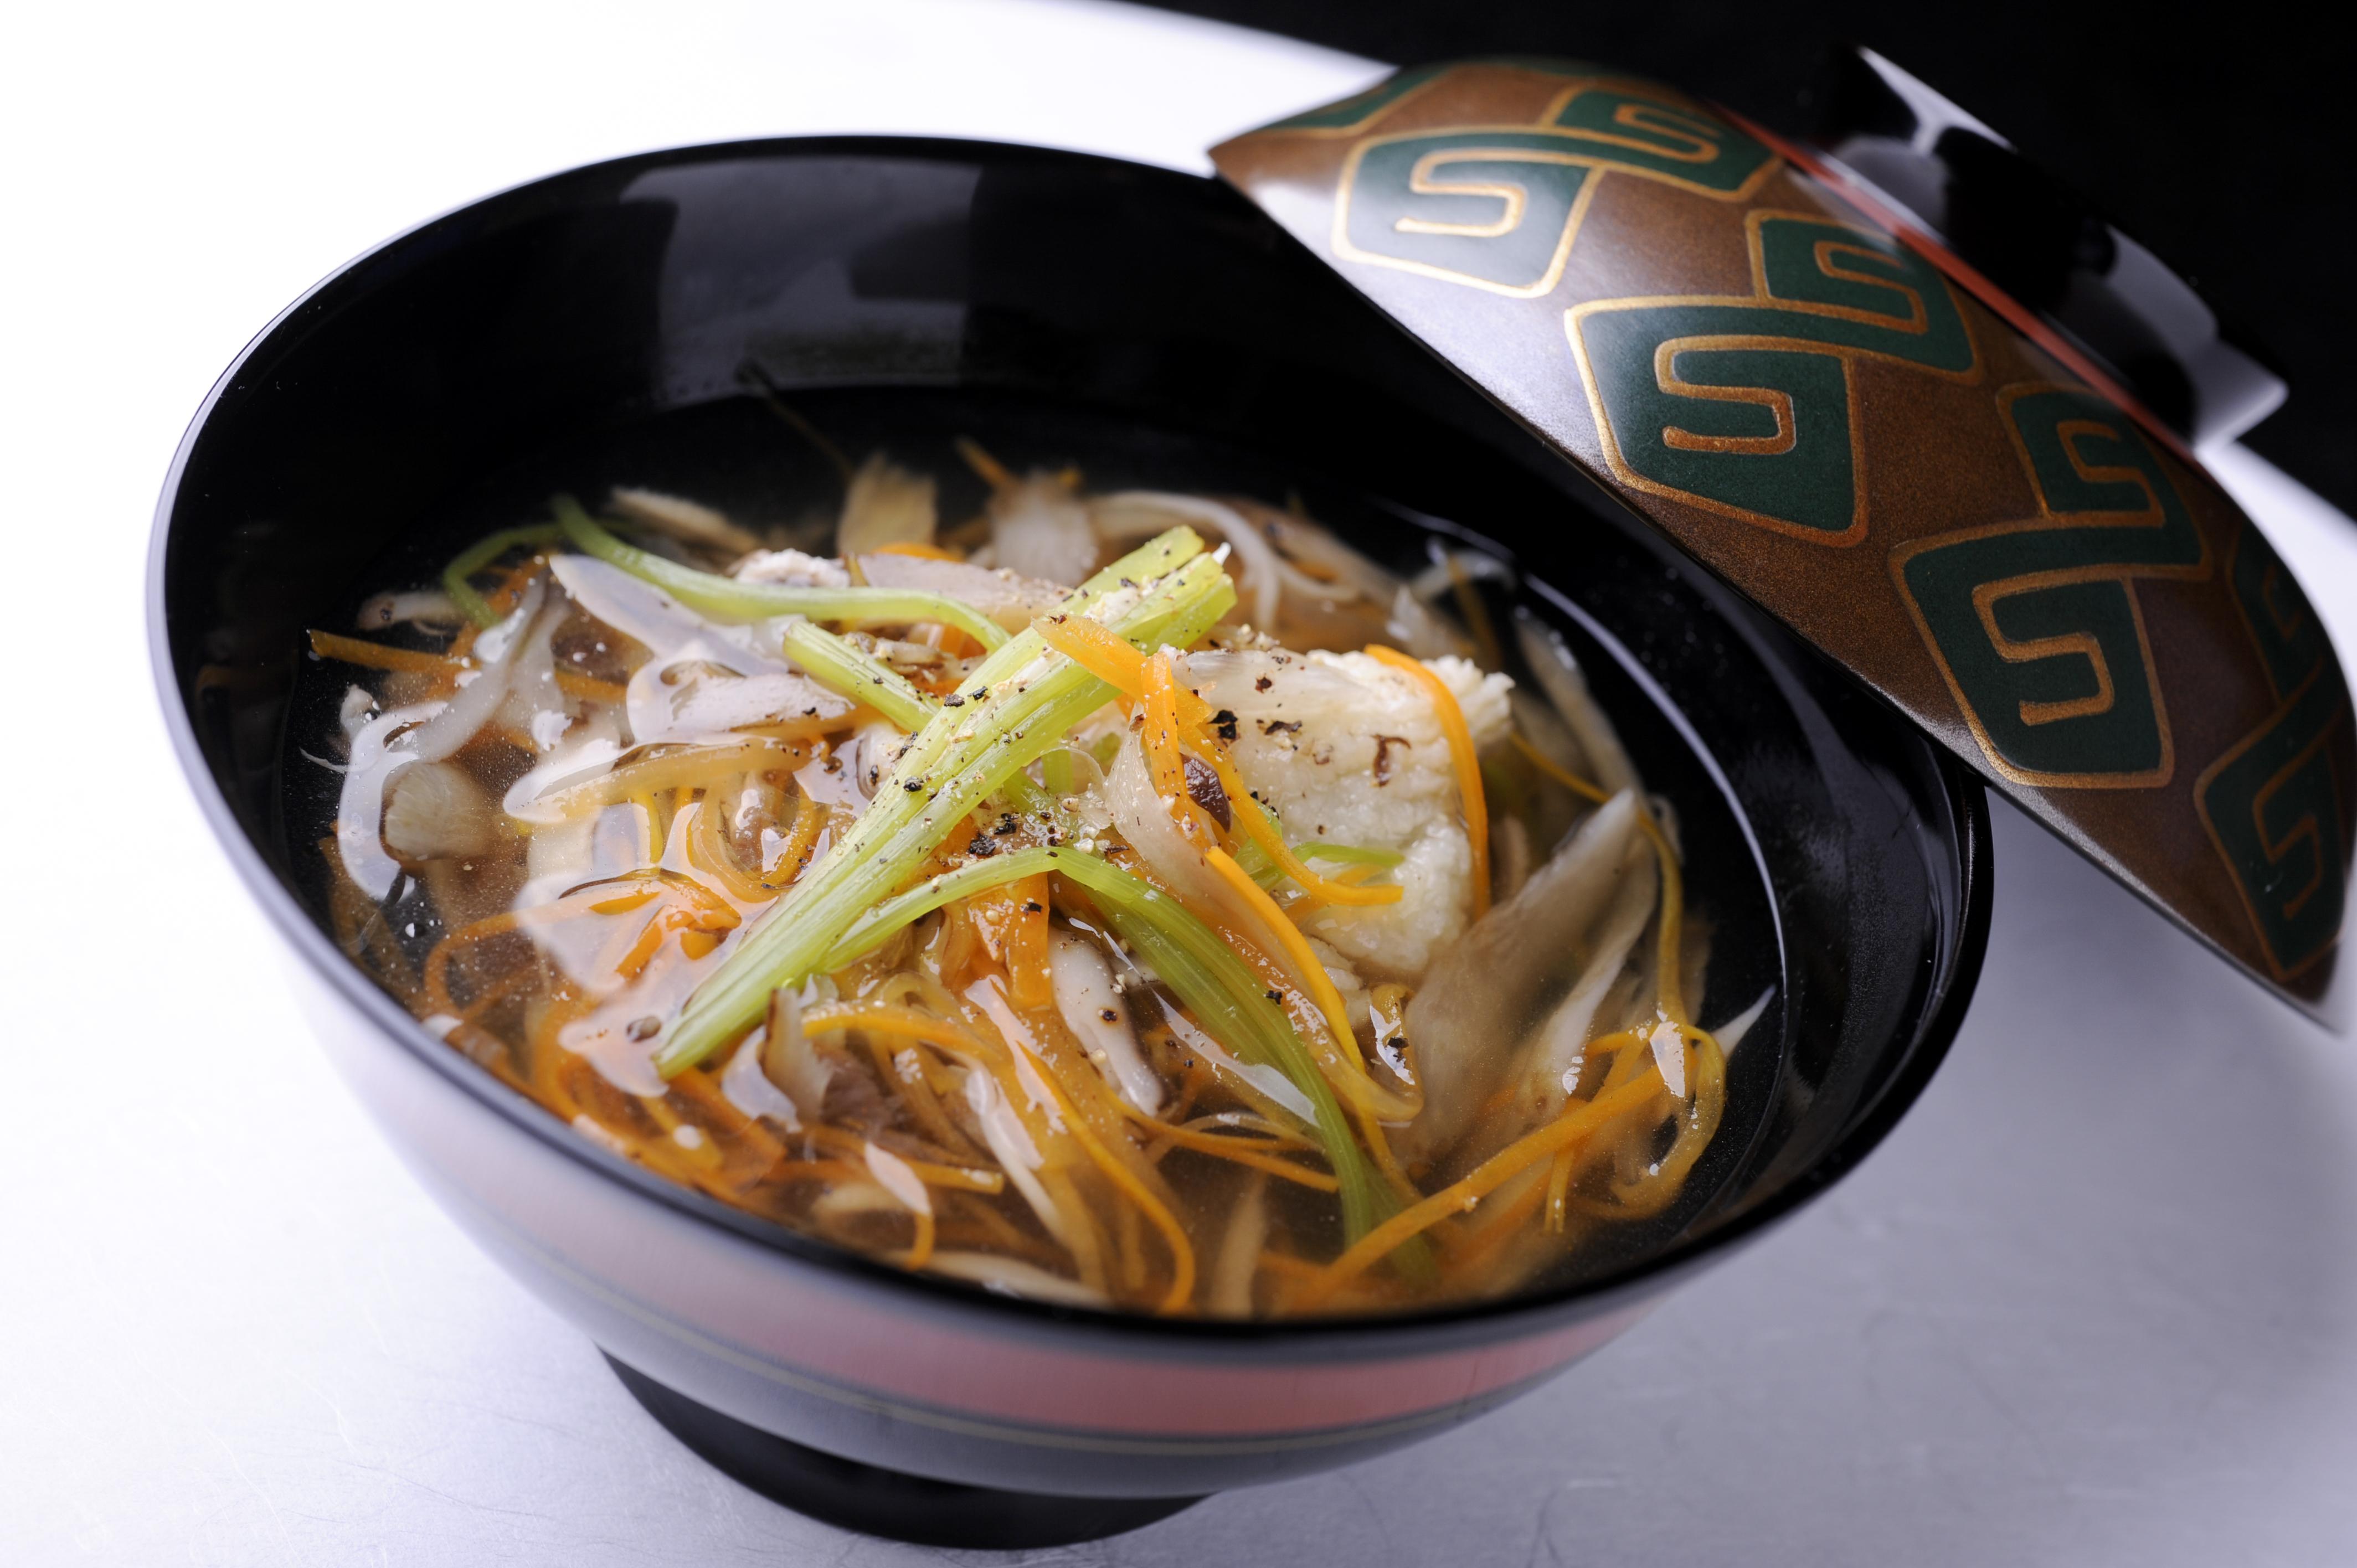 揚げ鱧と刻み野菜のお吸物 沢煮風